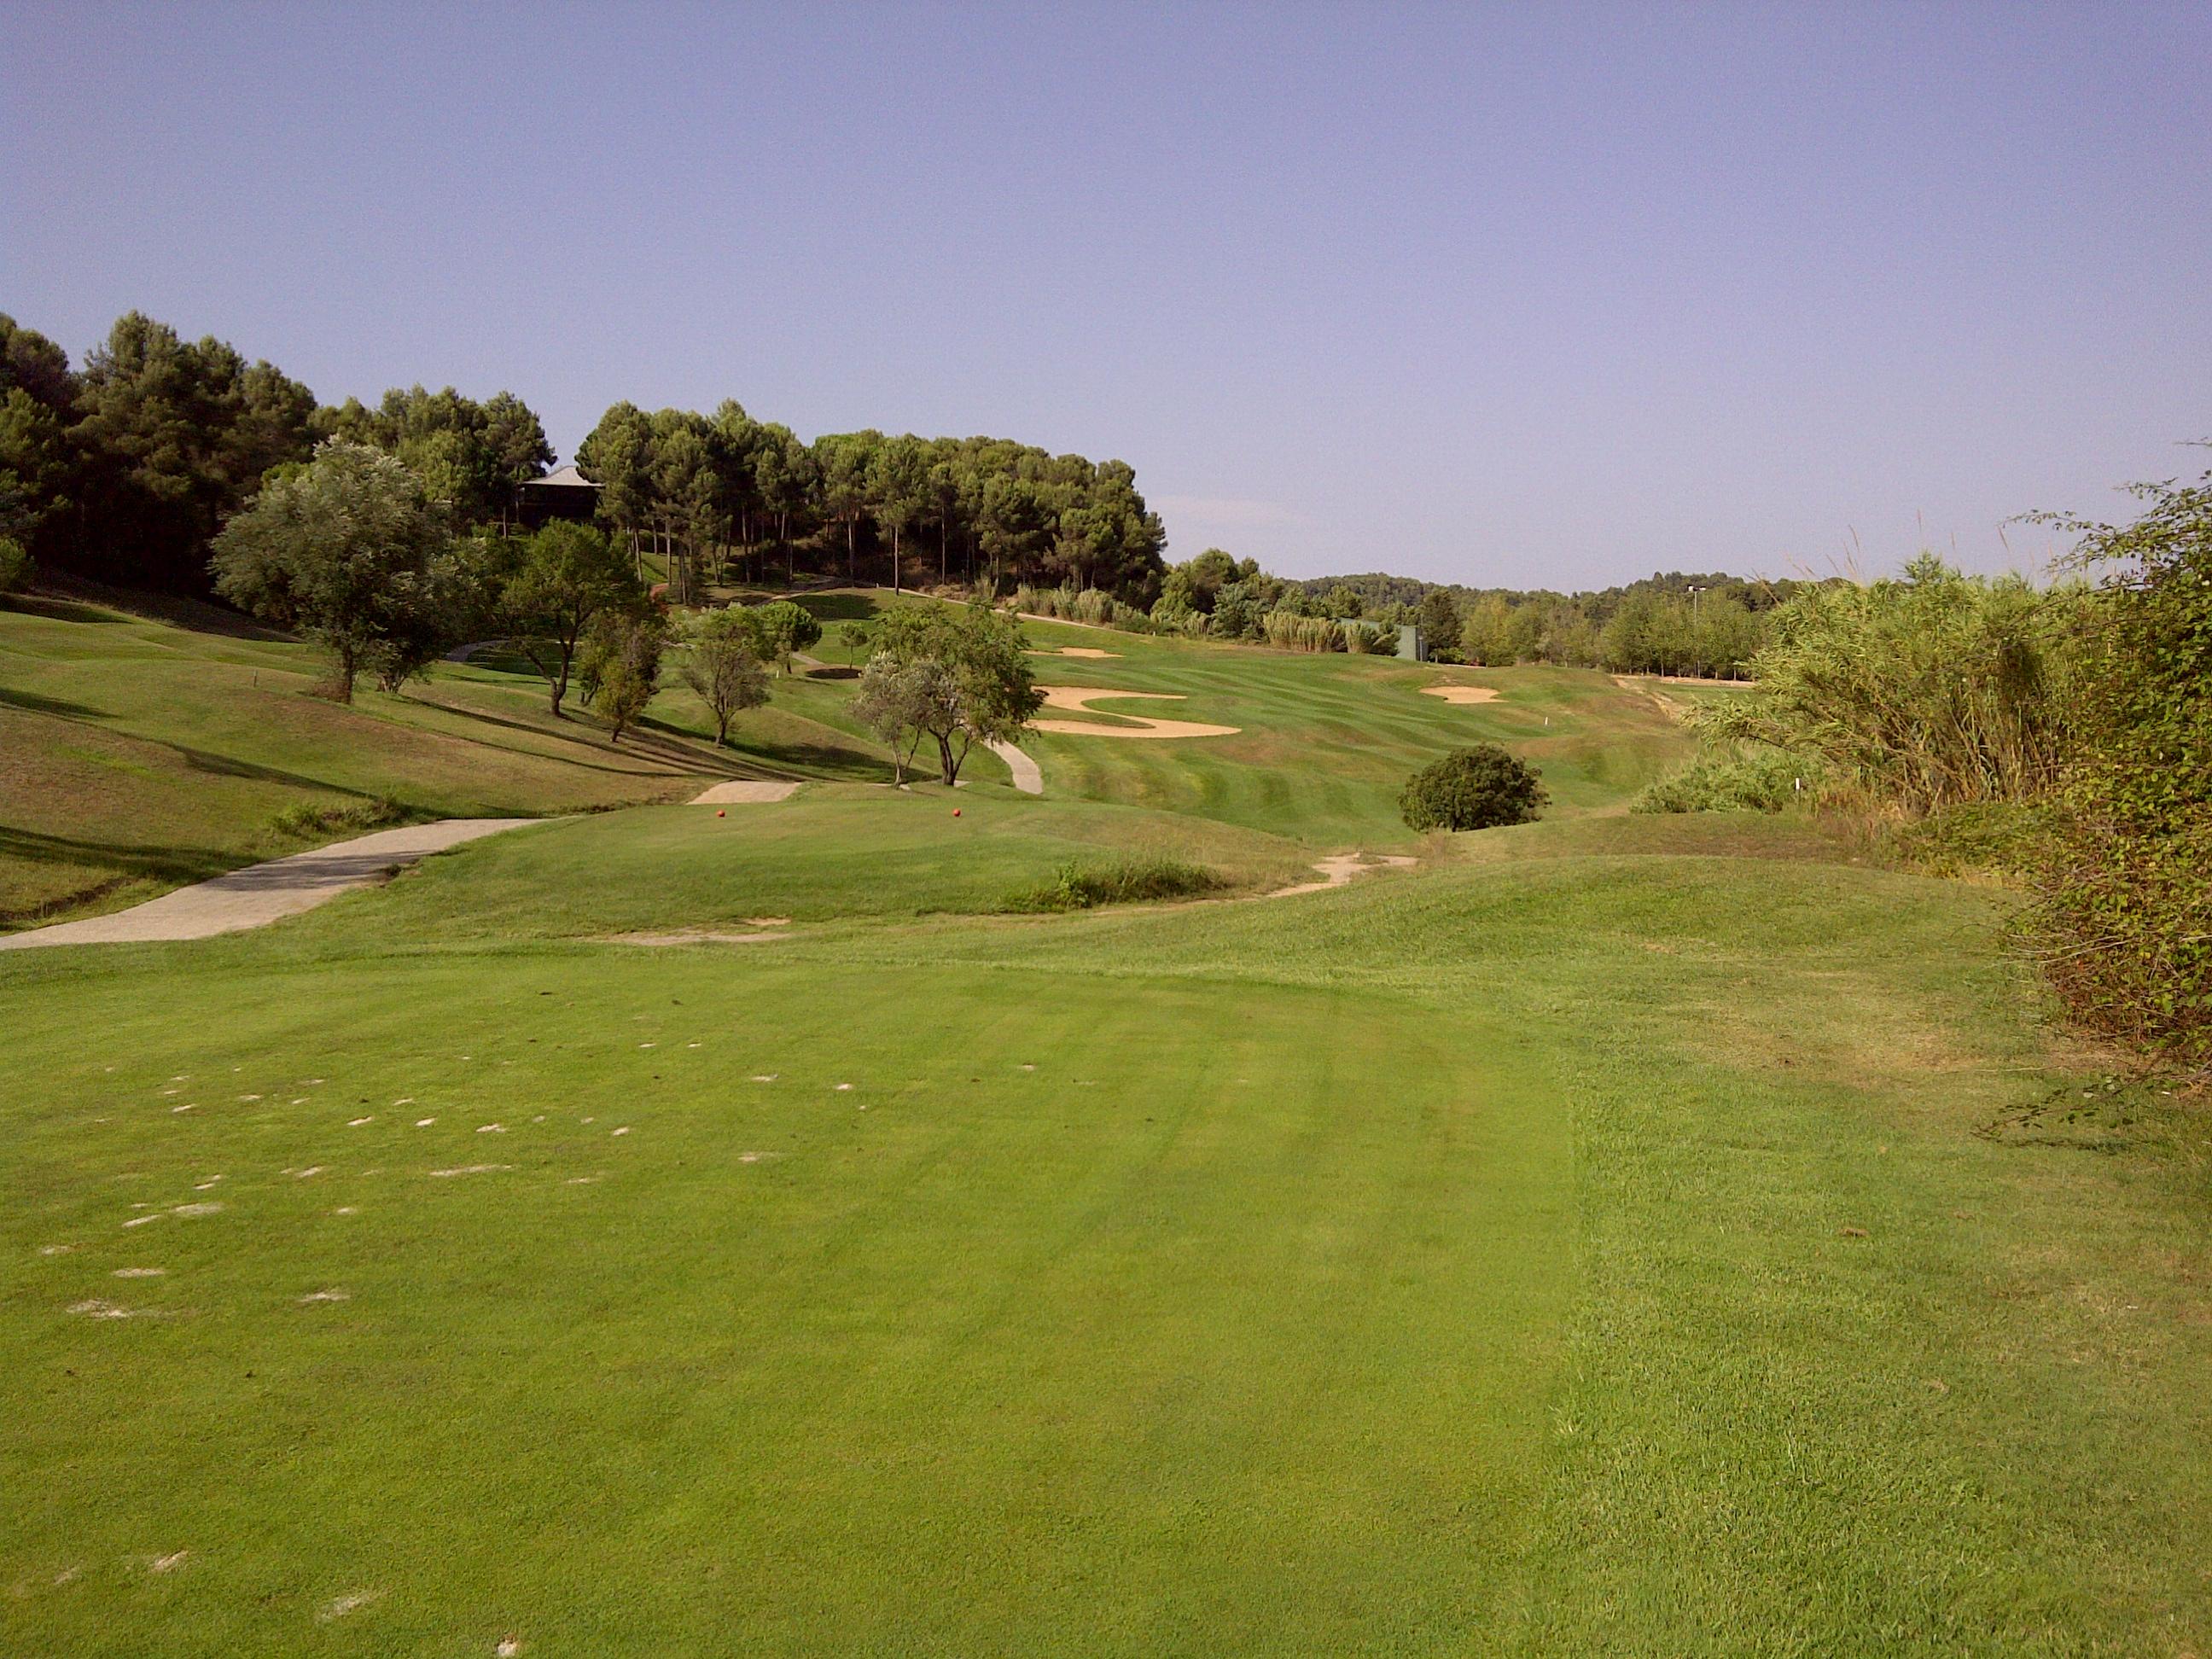 Golf sant joan sant cugat del vall s barcelona wantes - Cugat del valles ...